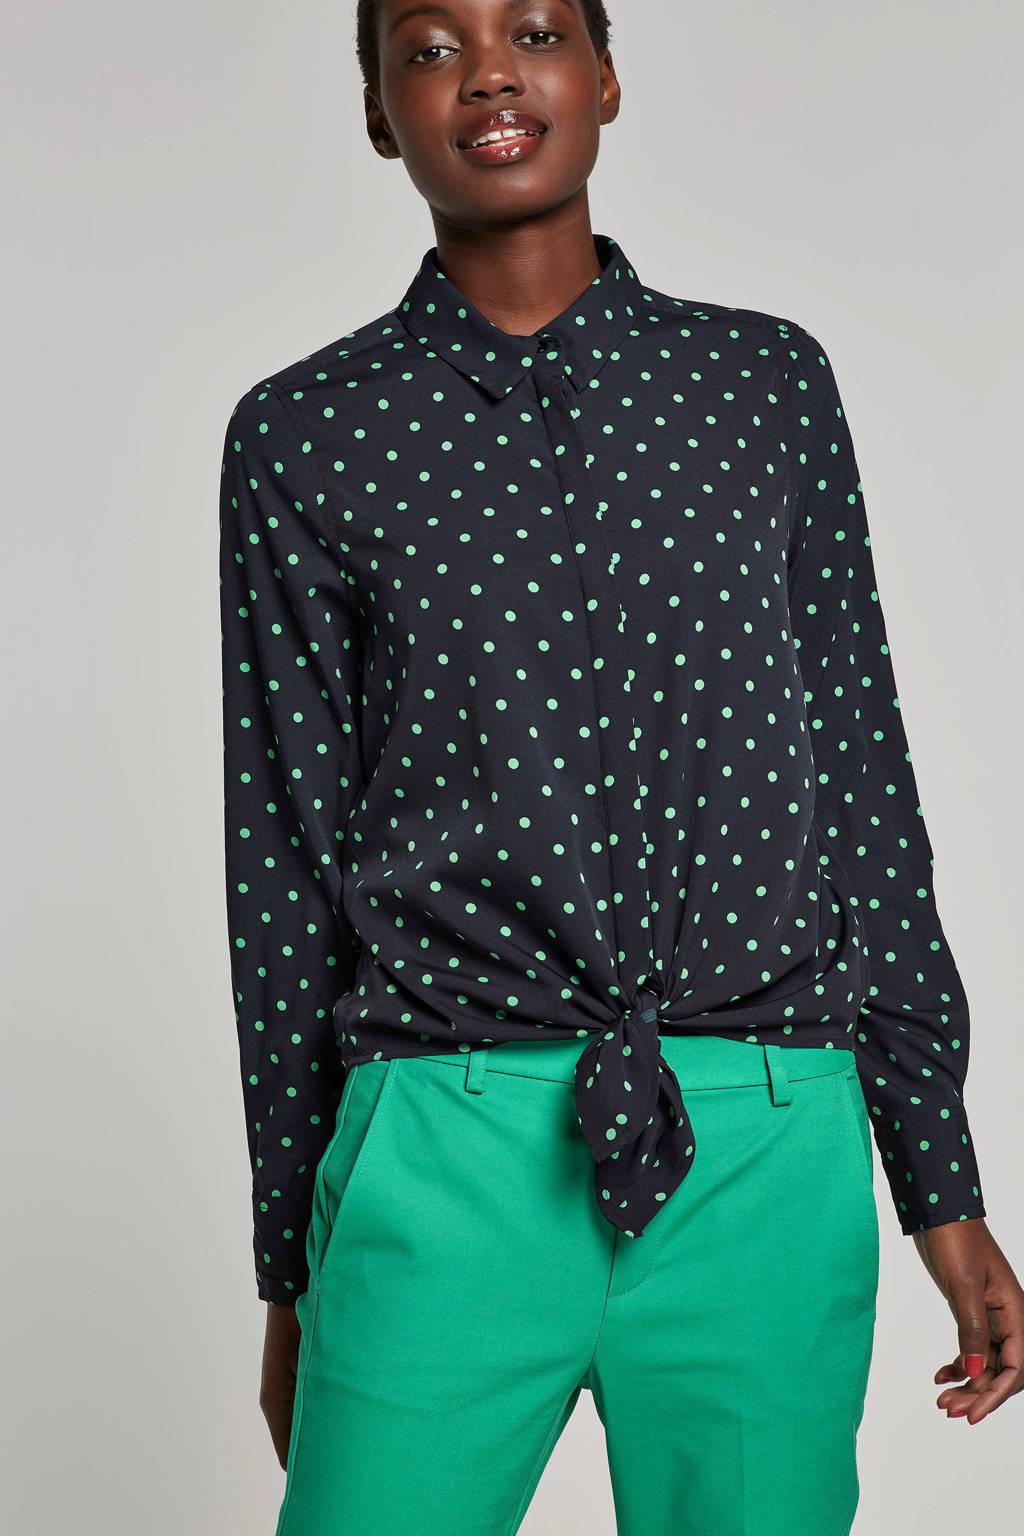 VERO MODA gestipte blouse met knoop detail, Donkerblauw/groen